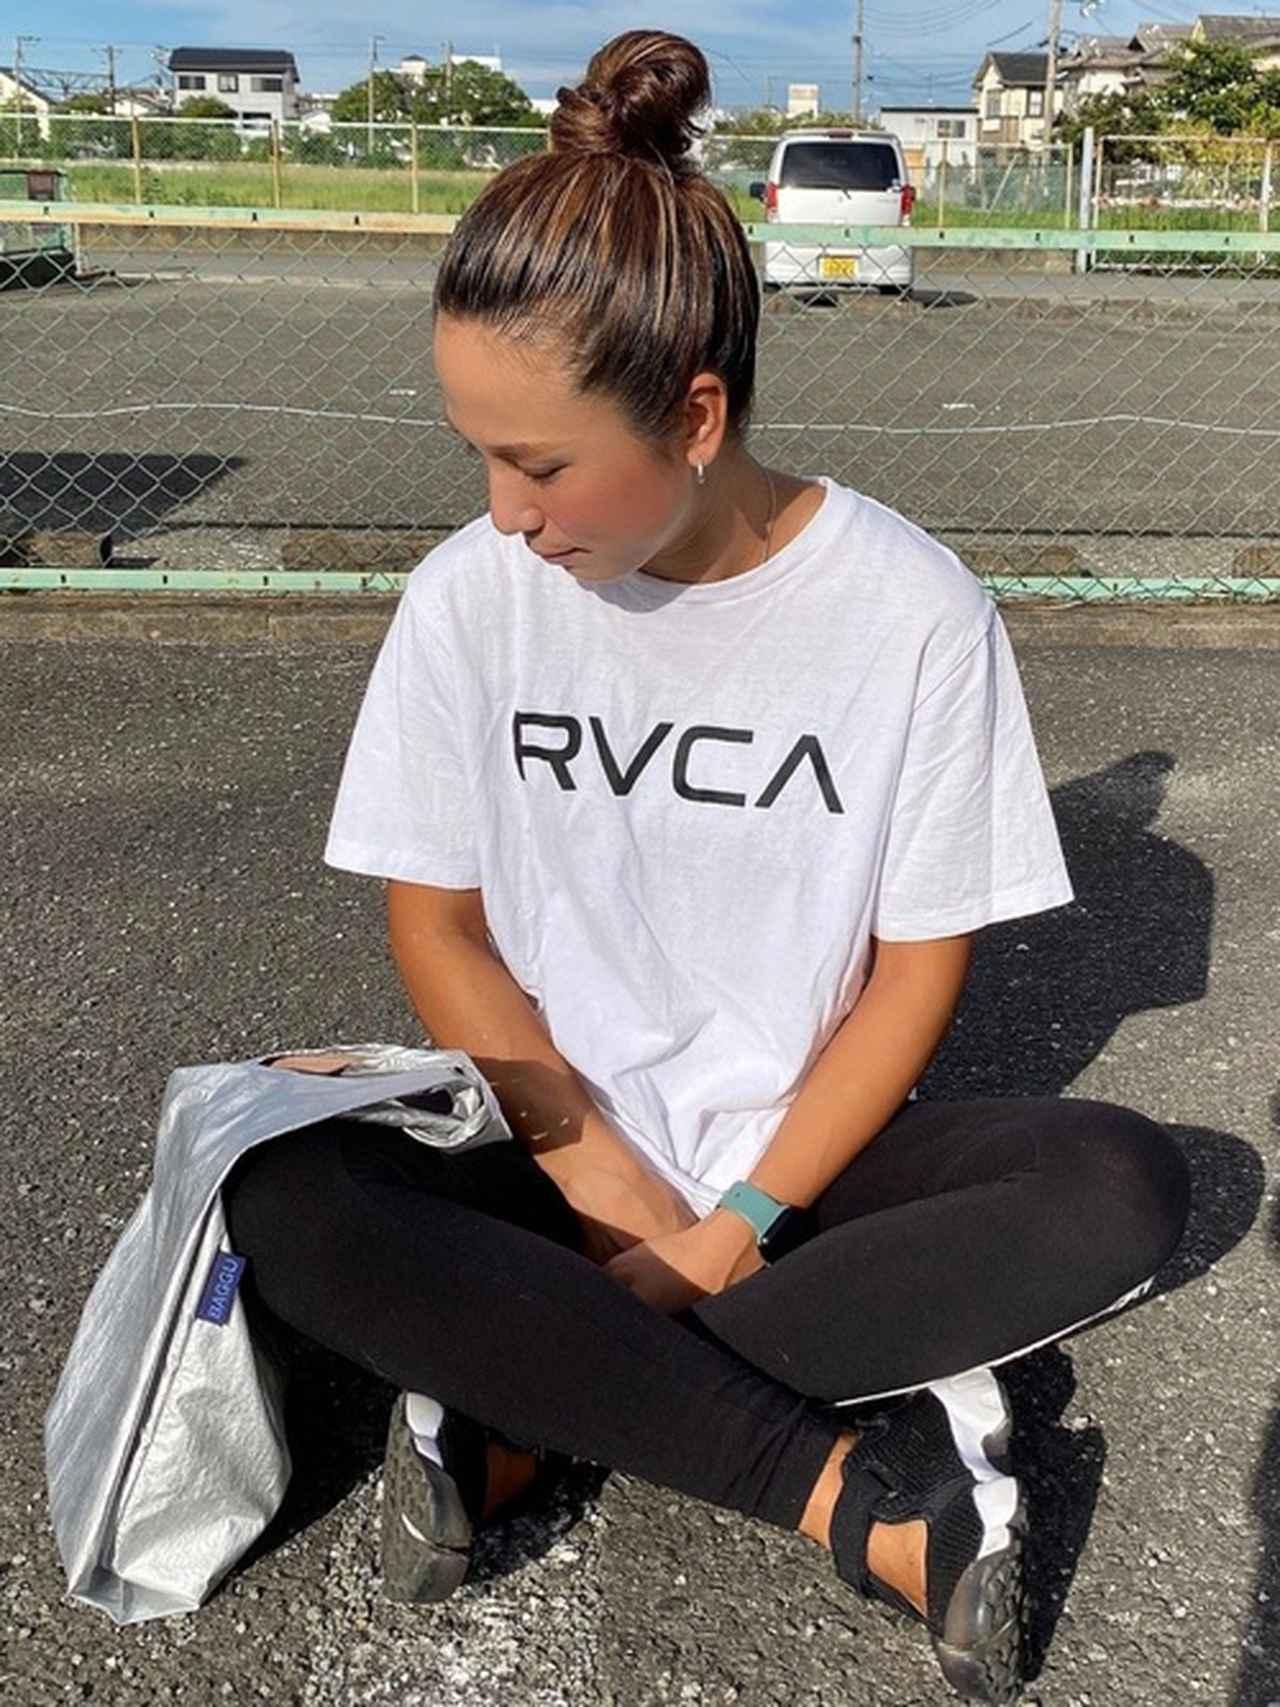 画像: 【BAGGU】エコバッグ2640円 【RVCA】ロゴTシャツ4400円 レギンス5500円 【NIKE】シューズ1万450円